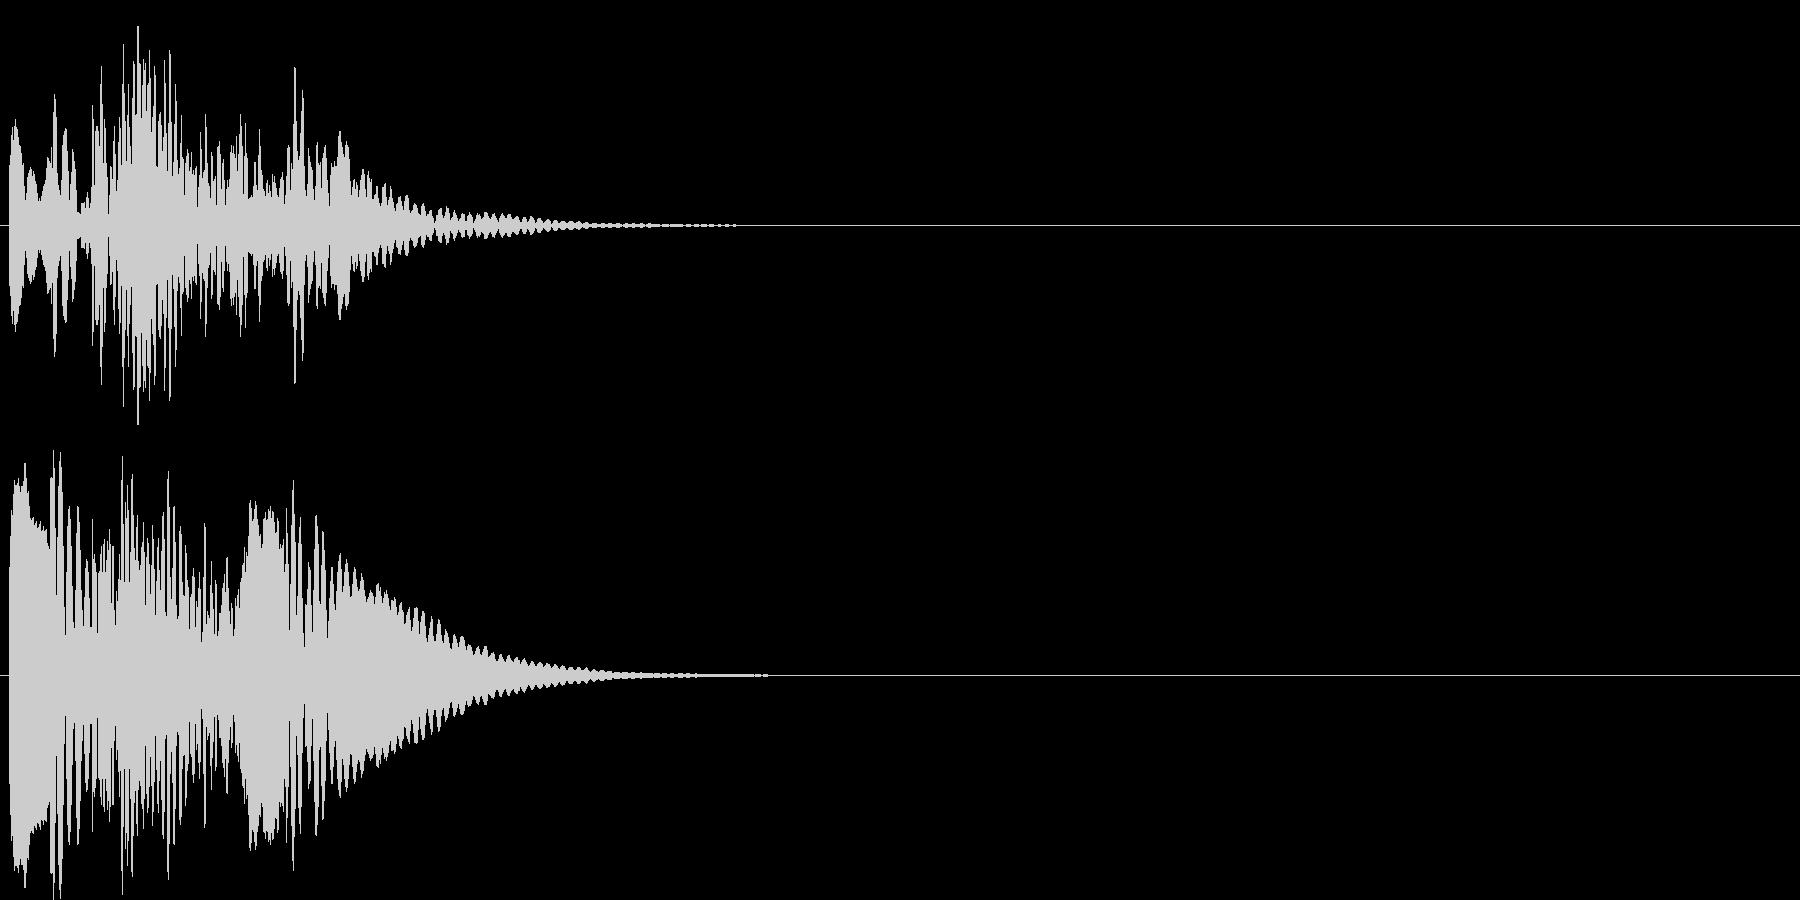 グリッサンド04 マリンバ(下降)の未再生の波形